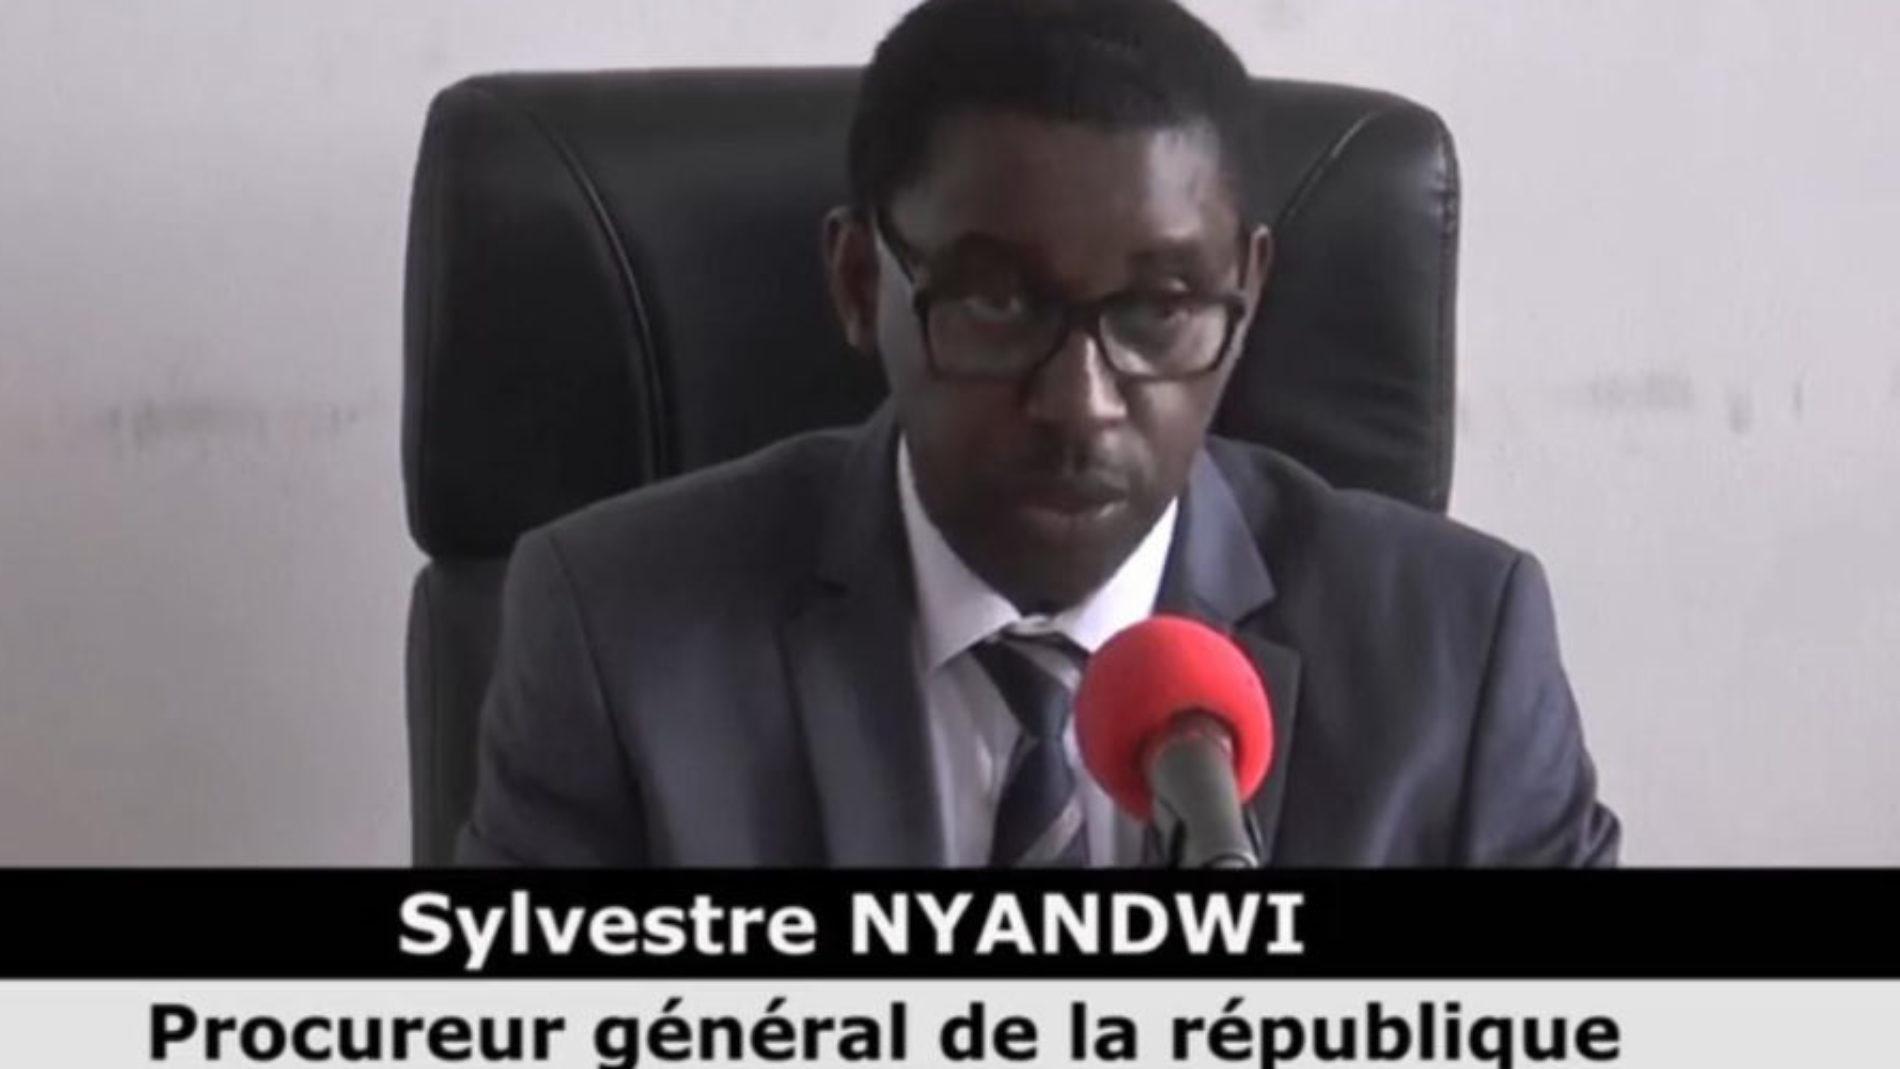 Bubanza : le parquet général de la République veut retirer à nos confrères et consoeurs d'Iwacu leur qualité de journaliste